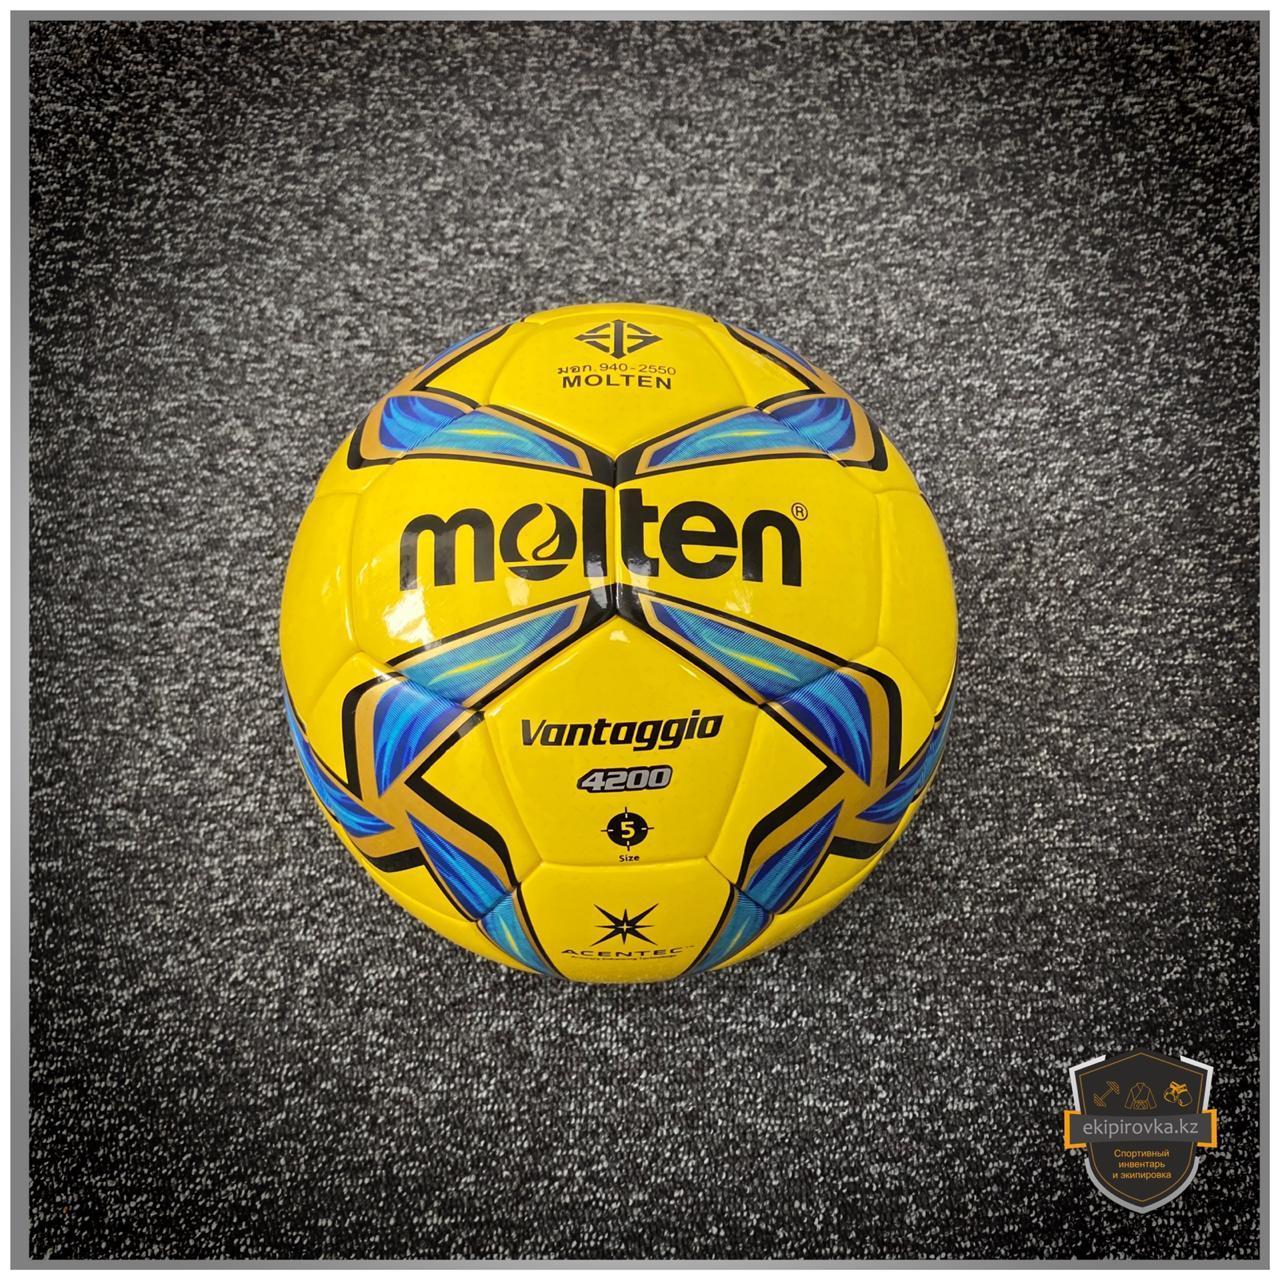 Футбольный мяч Molten Vantaggio 4200